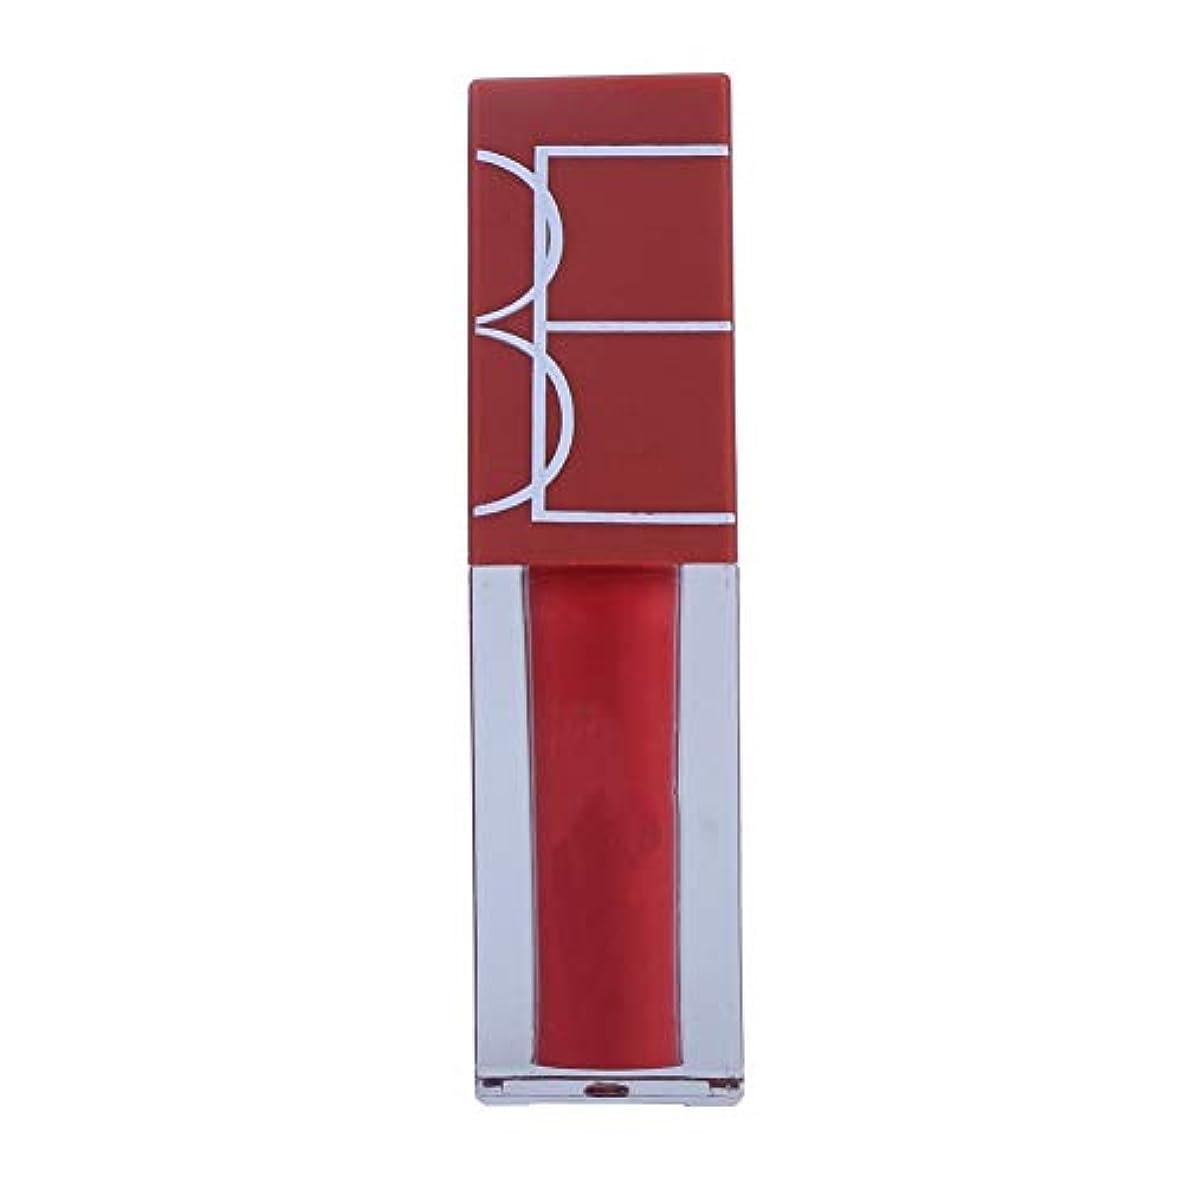 原始的なレキシコンどうしたのマットリップグロスロングラスティングリキッドリップスティック(303#豆のり)